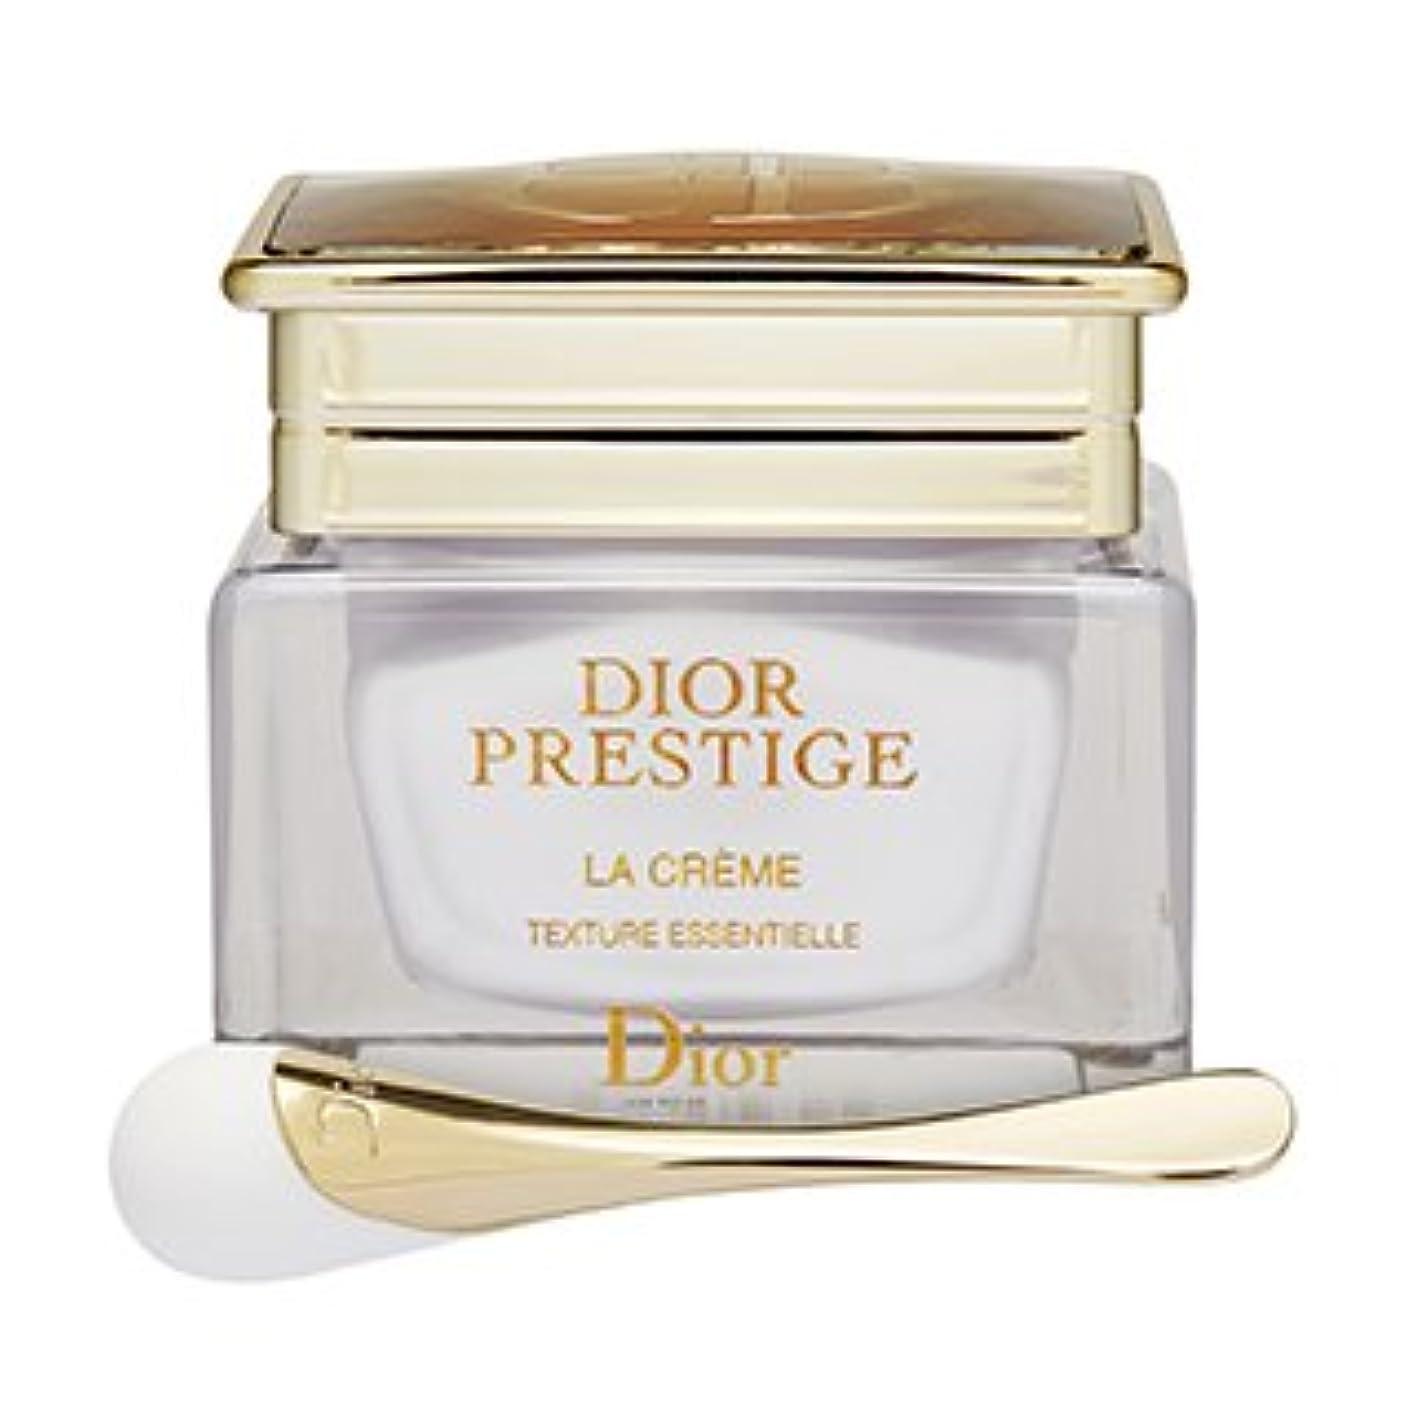 ネックレス歯農場ディオール(Dior) プレステージ ラ クレーム - 極上のテクスチャー [並行輸入品]